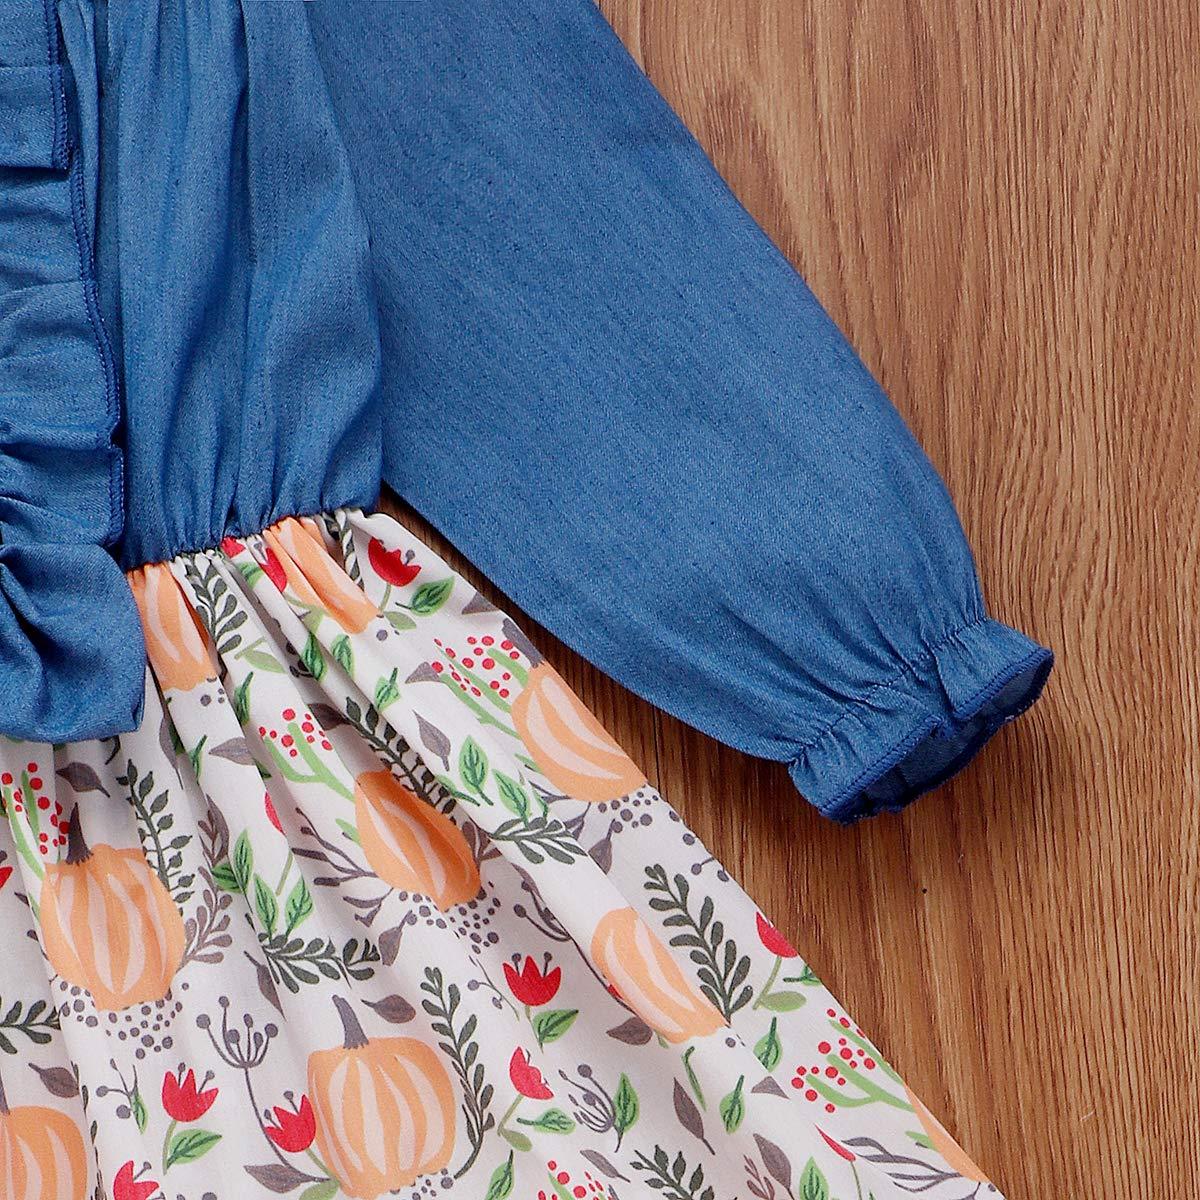 Infant Toddler Baby Girls Halloween Dress Ruffled Button Pumpkin Printed Long Sleeve Denim Skirt